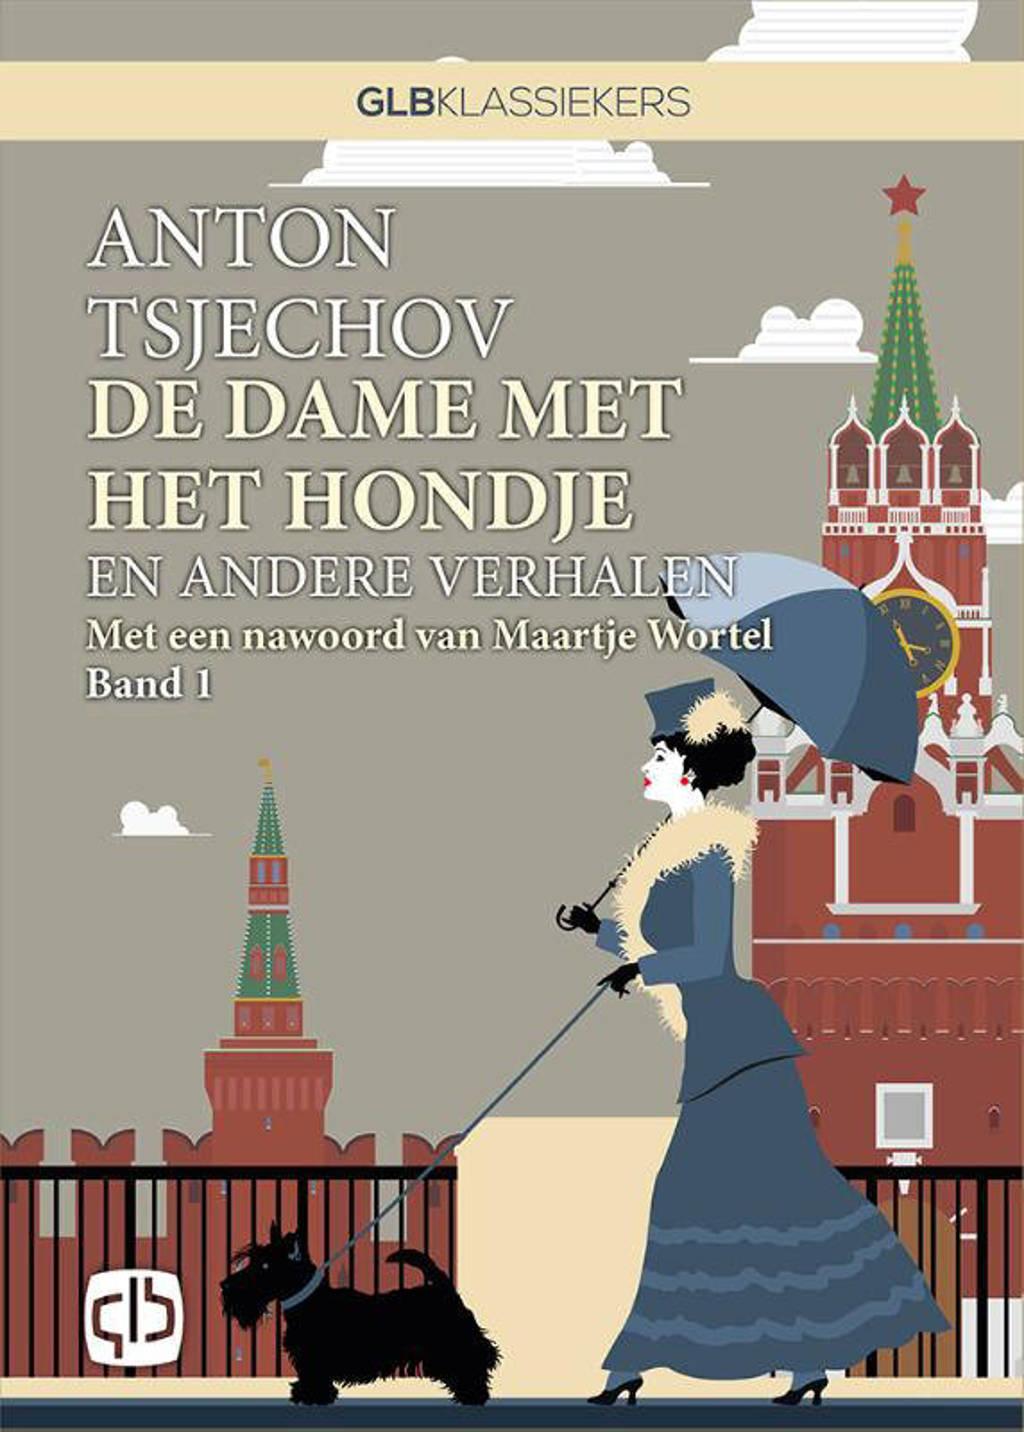 De dame met het hondje - Anton Tsjechov